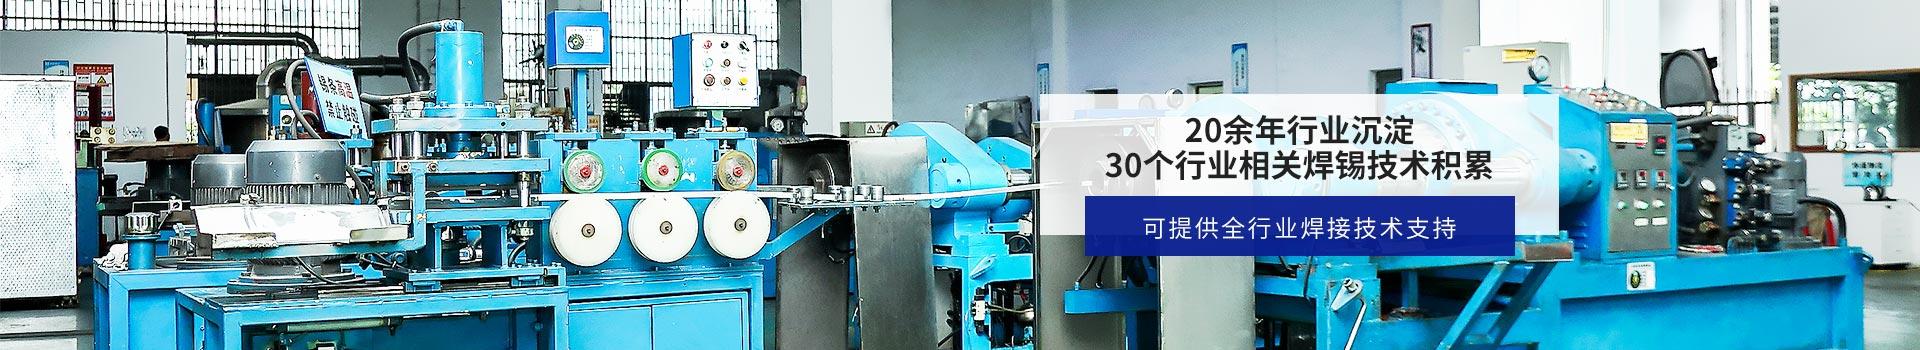 星威--20余年行业沉淀,30+行业相关焊锡技术积累